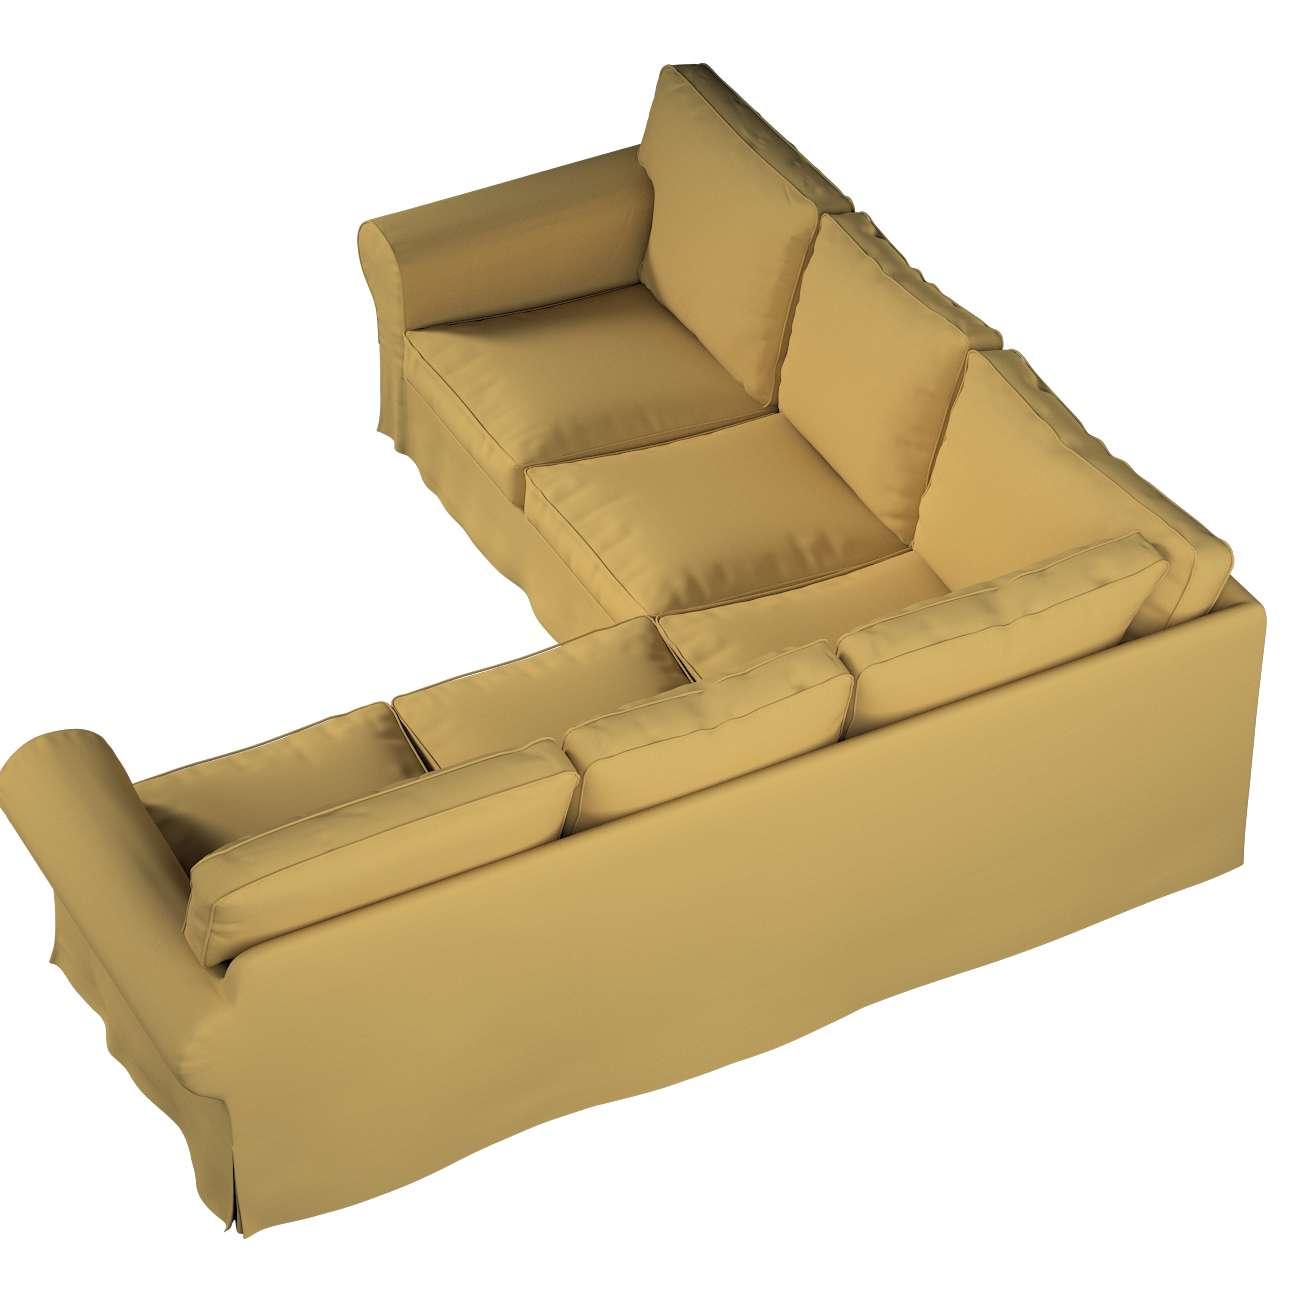 Pokrowiec na sofę narożną Ektorp w kolekcji Cotton Panama, tkanina: 702-41